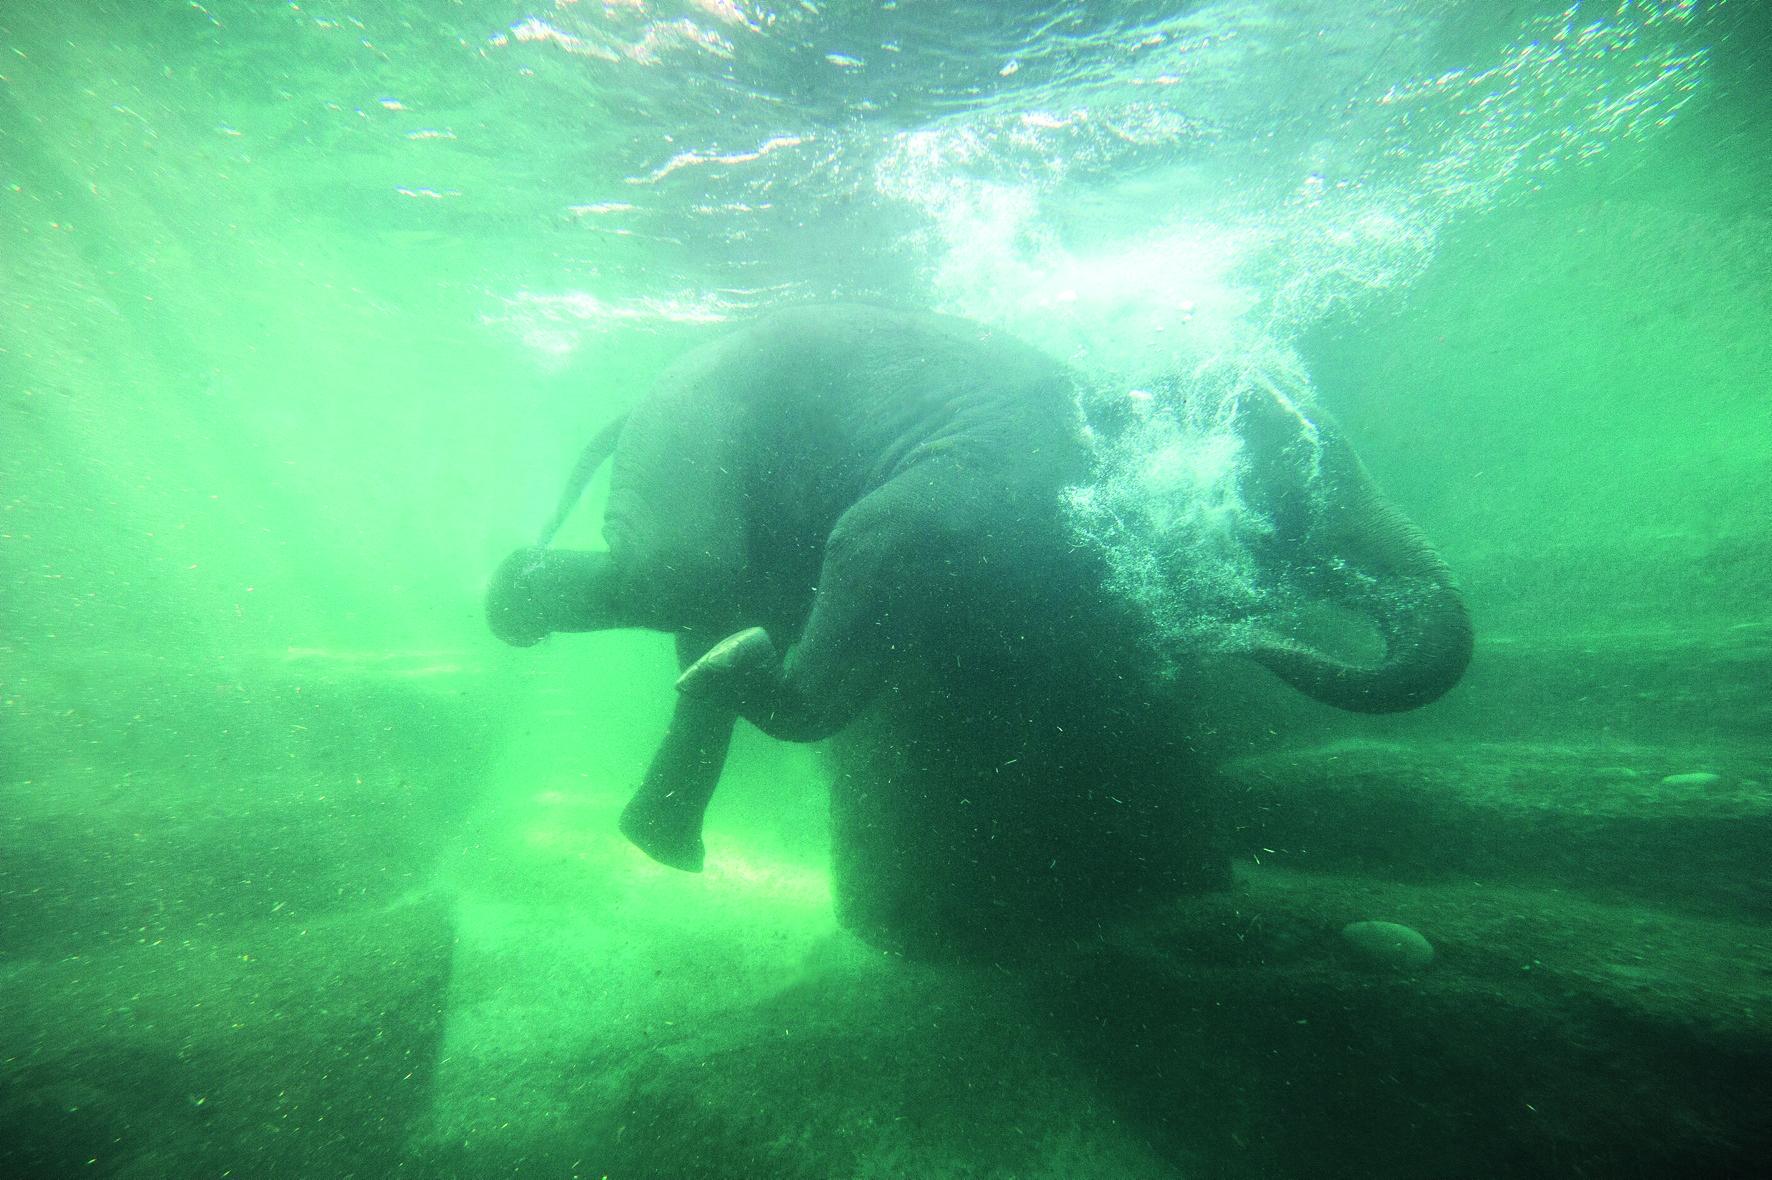 Die Dickhäuter lassen sich unter Wasser durch ein grosses Schaufenster beobachten.